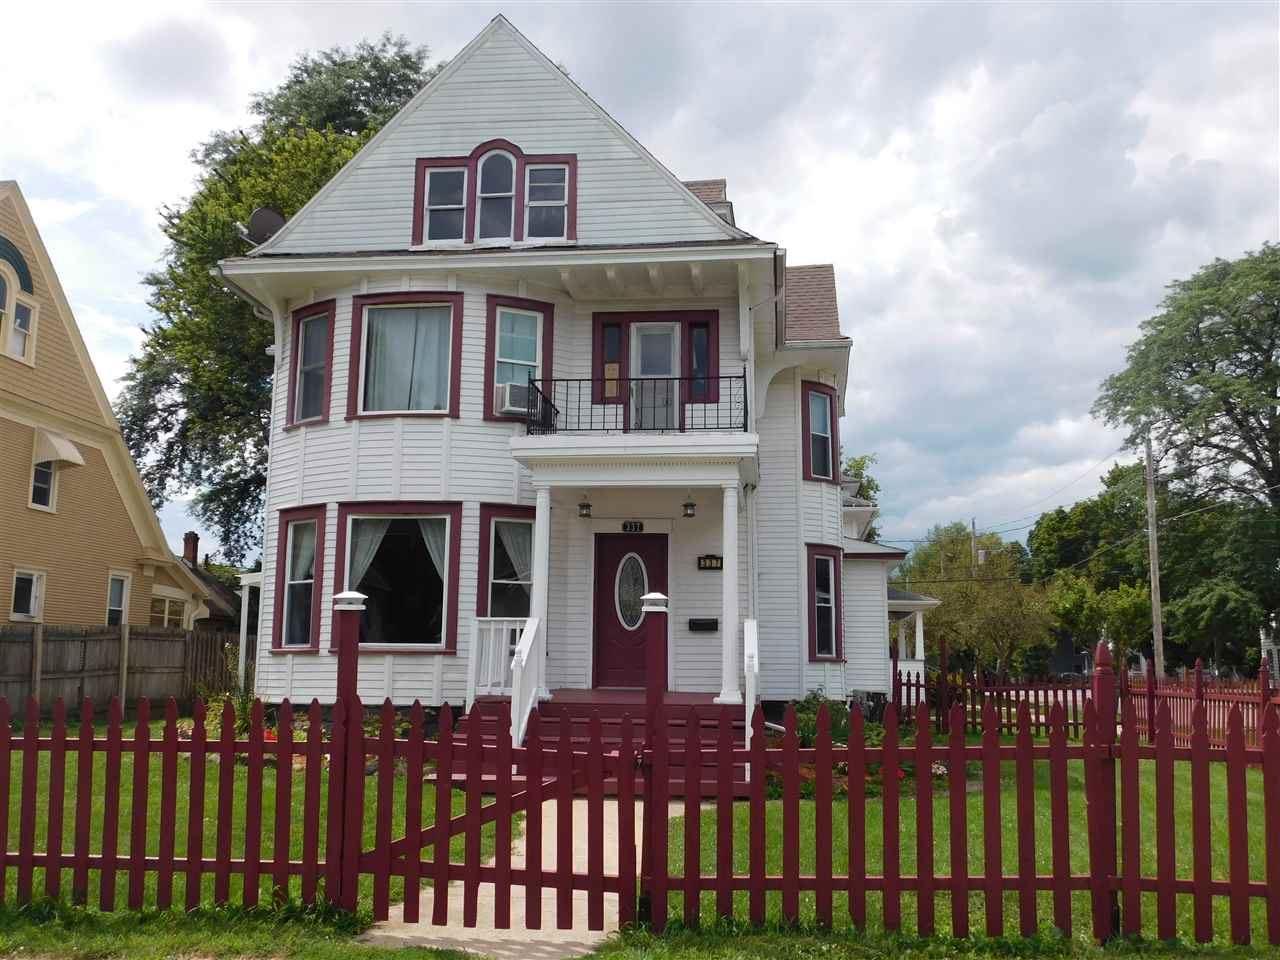 337 N Terrace St, Janesville, WI 53548 - #: 1890560